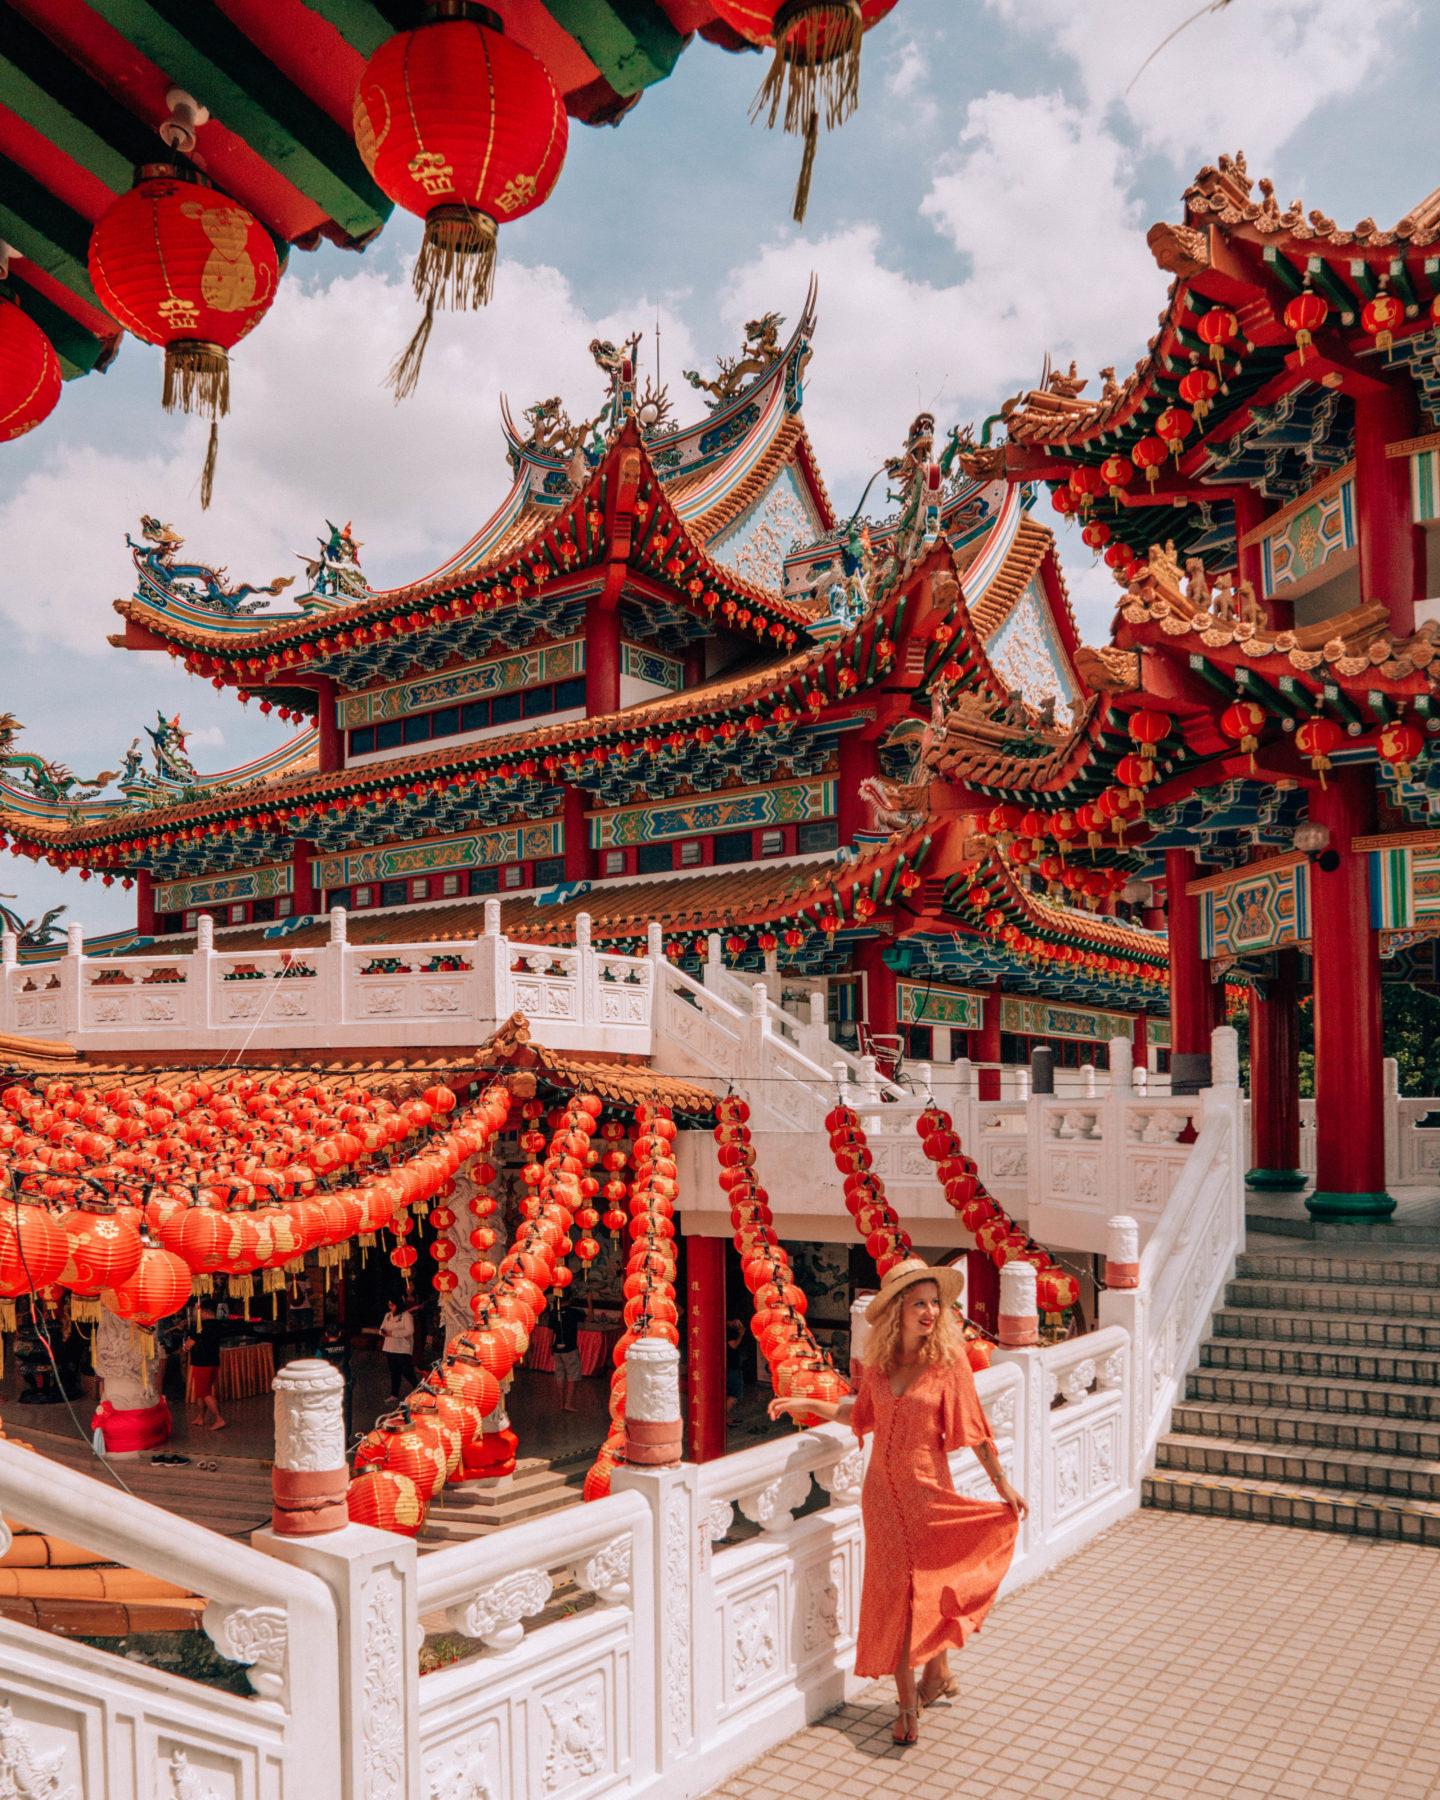 Buddhist temple of Thean Hou in Kuala Lumpur